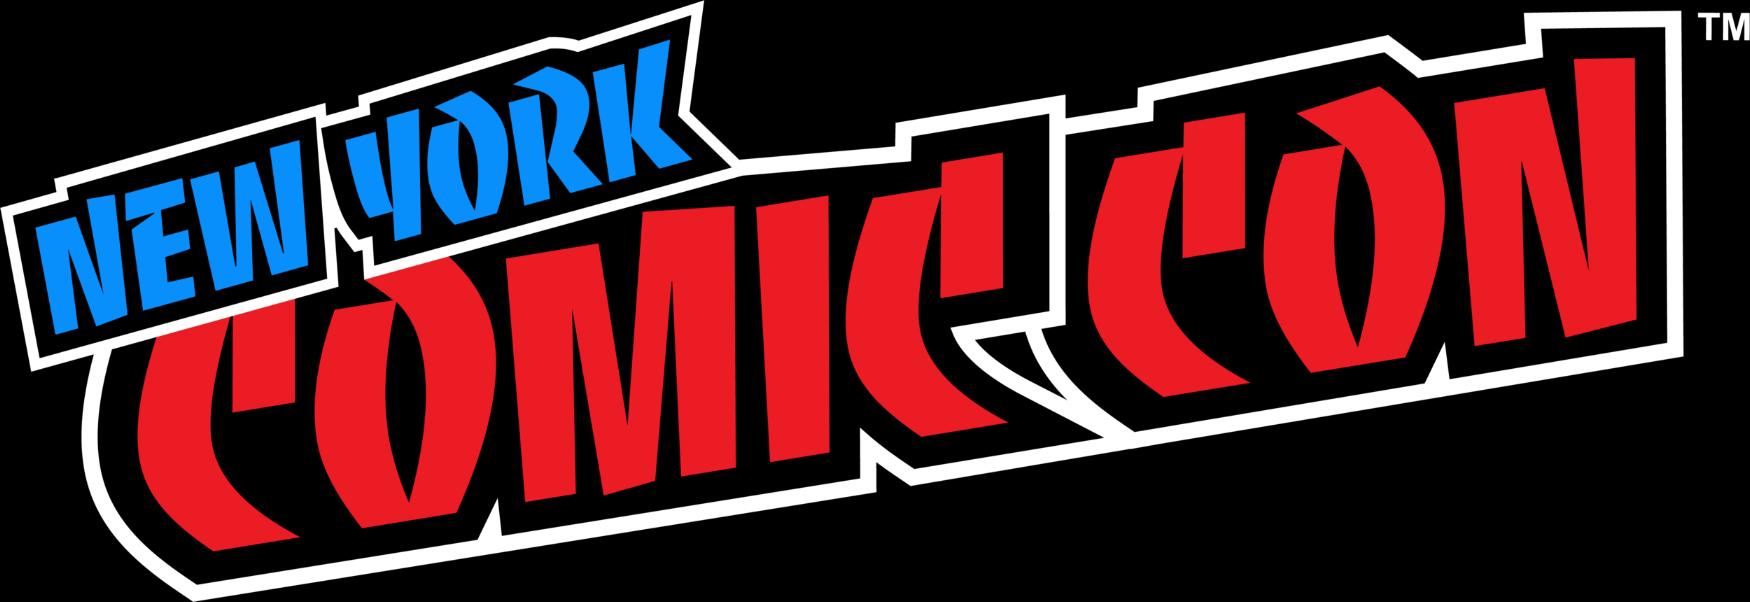 NYCC-Logo-Screen-WhiteTM.png